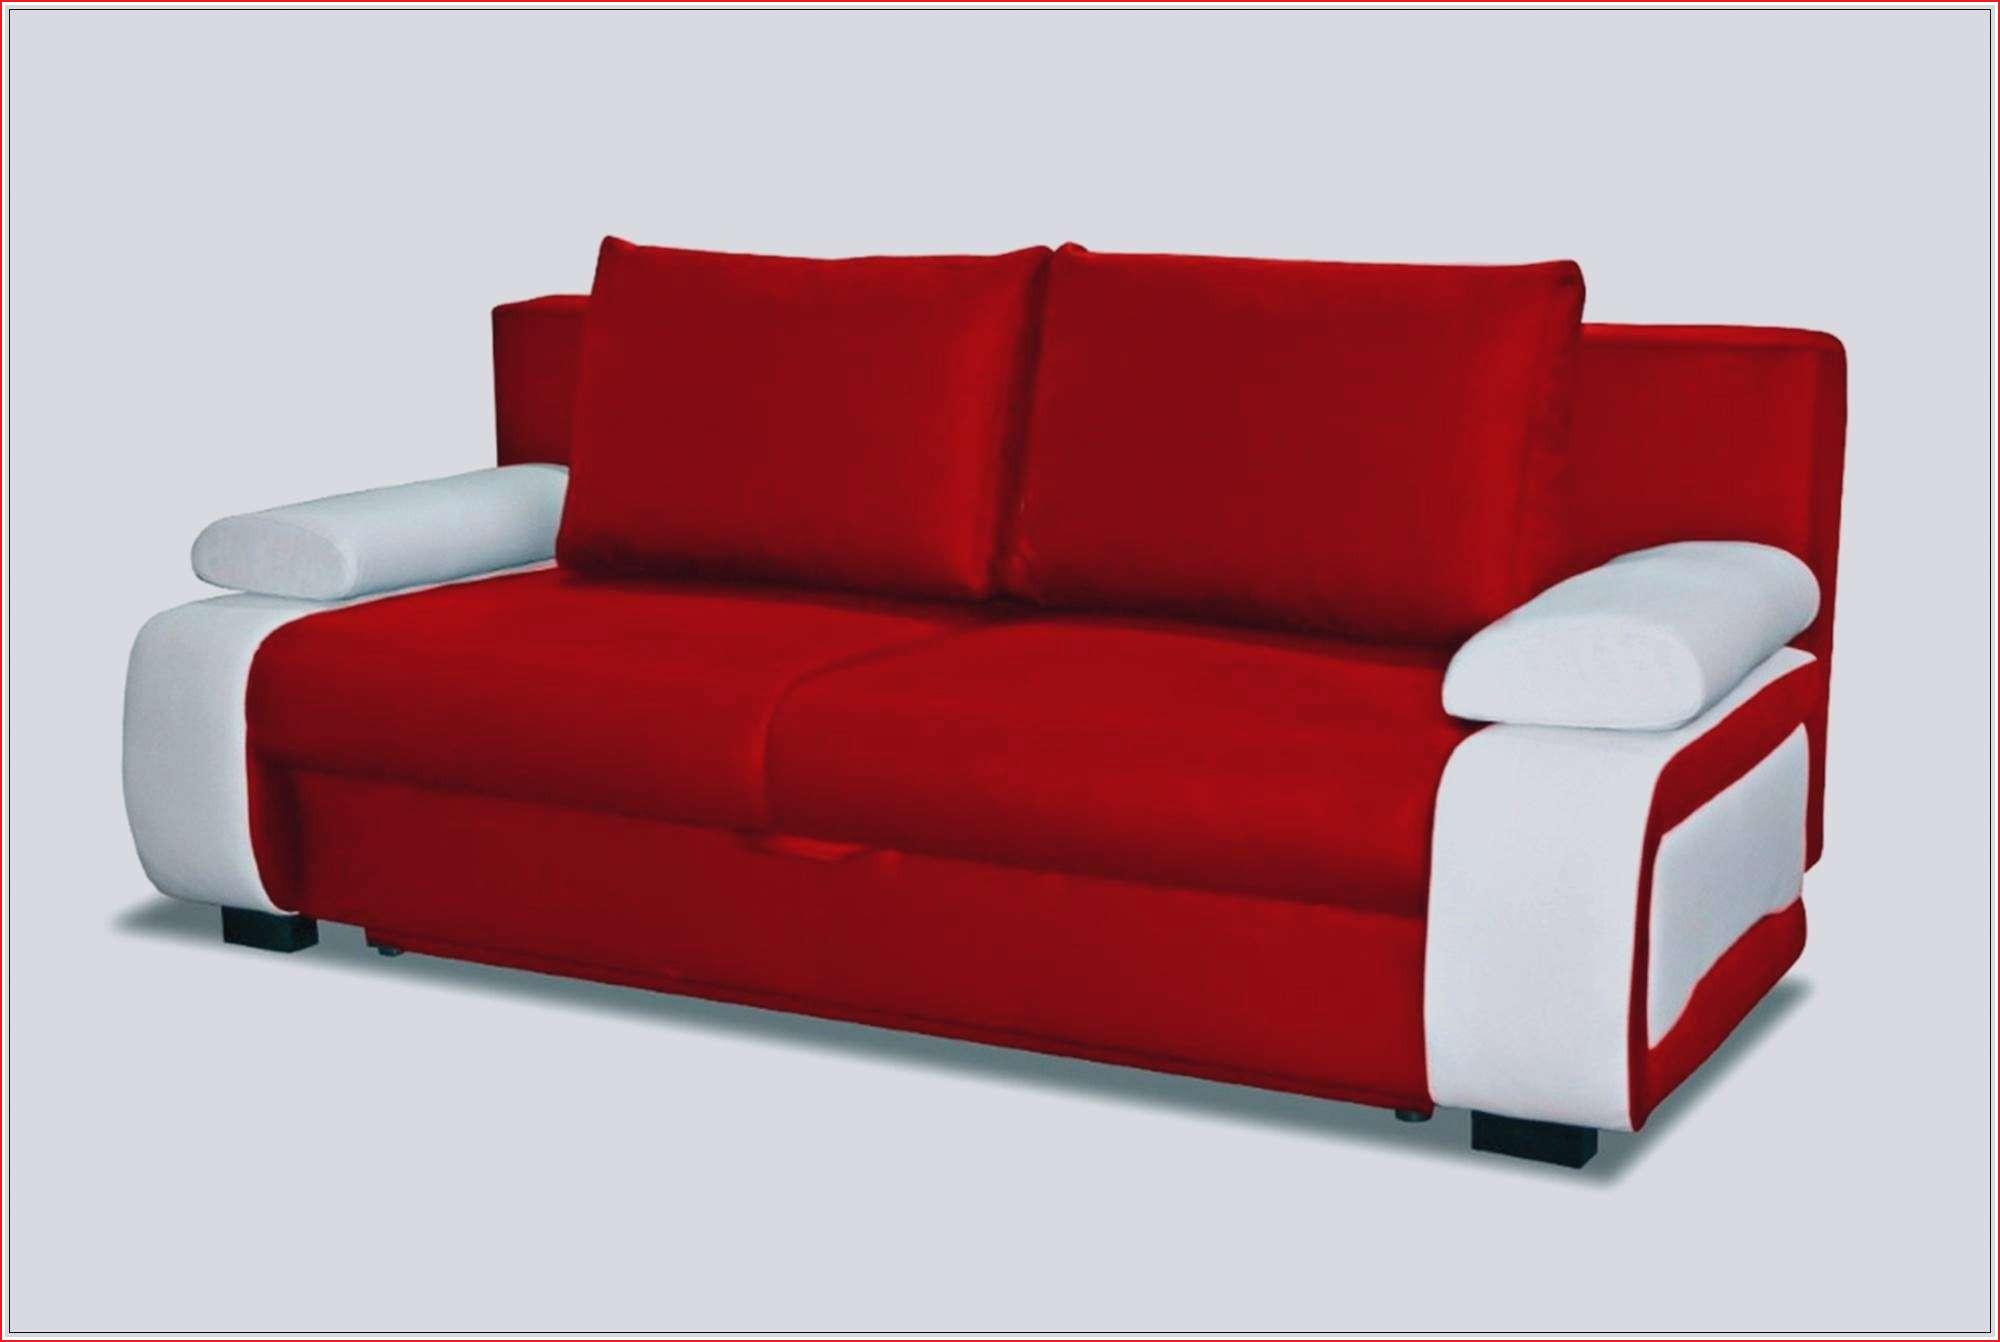 fauteuil futon matelas bz but unique matelas banquette bz meilleur canape futon 0d of fauteuil futon